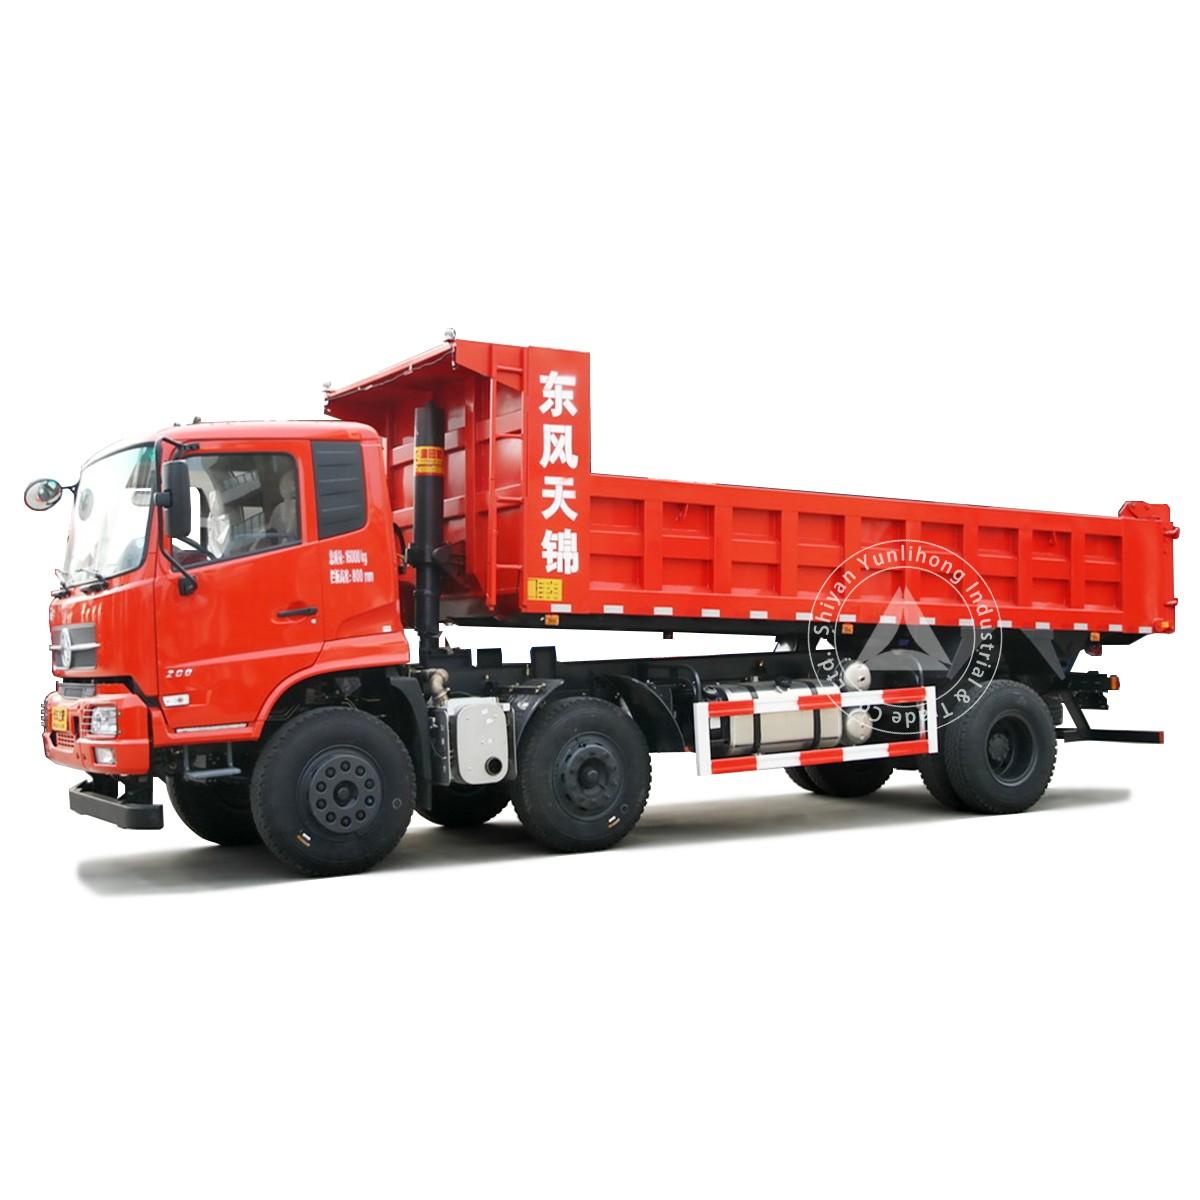 खरीदने के लिए डोंगफेंग केआर 6x2 जीवीडब्ल्यू 17.2 टन 17 एम 3 से 20 एम 3 डंप ट्रक,डोंगफेंग केआर 6x2 जीवीडब्ल्यू 17.2 टन 17 एम 3 से 20 एम 3 डंप ट्रक दाम,डोंगफेंग केआर 6x2 जीवीडब्ल्यू 17.2 टन 17 एम 3 से 20 एम 3 डंप ट्रक ब्रांड,डोंगफेंग केआर 6x2 जीवीडब्ल्यू 17.2 टन 17 एम 3 से 20 एम 3 डंप ट्रक मैन्युफैक्चरर्स,डोंगफेंग केआर 6x2 जीवीडब्ल्यू 17.2 टन 17 एम 3 से 20 एम 3 डंप ट्रक उद्धृत मूल्य,डोंगफेंग केआर 6x2 जीवीडब्ल्यू 17.2 टन 17 एम 3 से 20 एम 3 डंप ट्रक कंपनी,